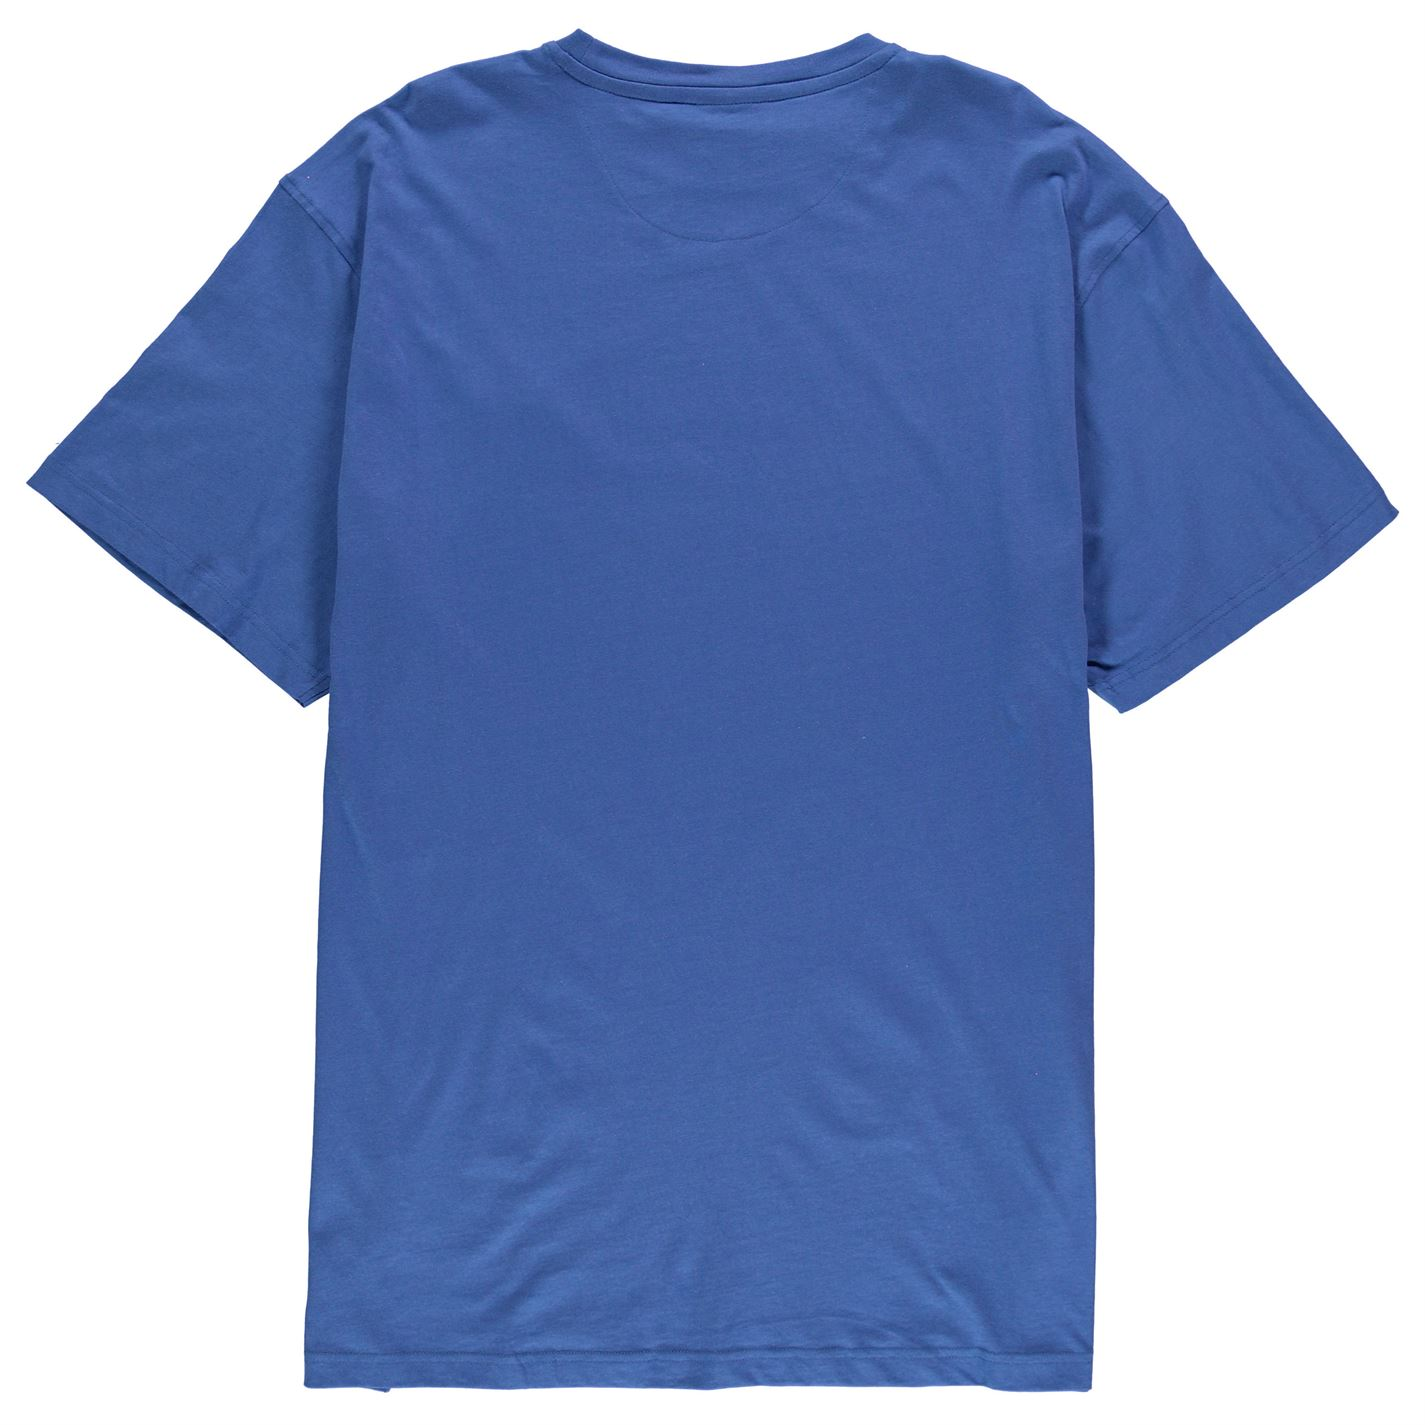 Pierre-Cardin-Uomo-C-XL-CREW-TEE-Collo-Camicia miniatura 16